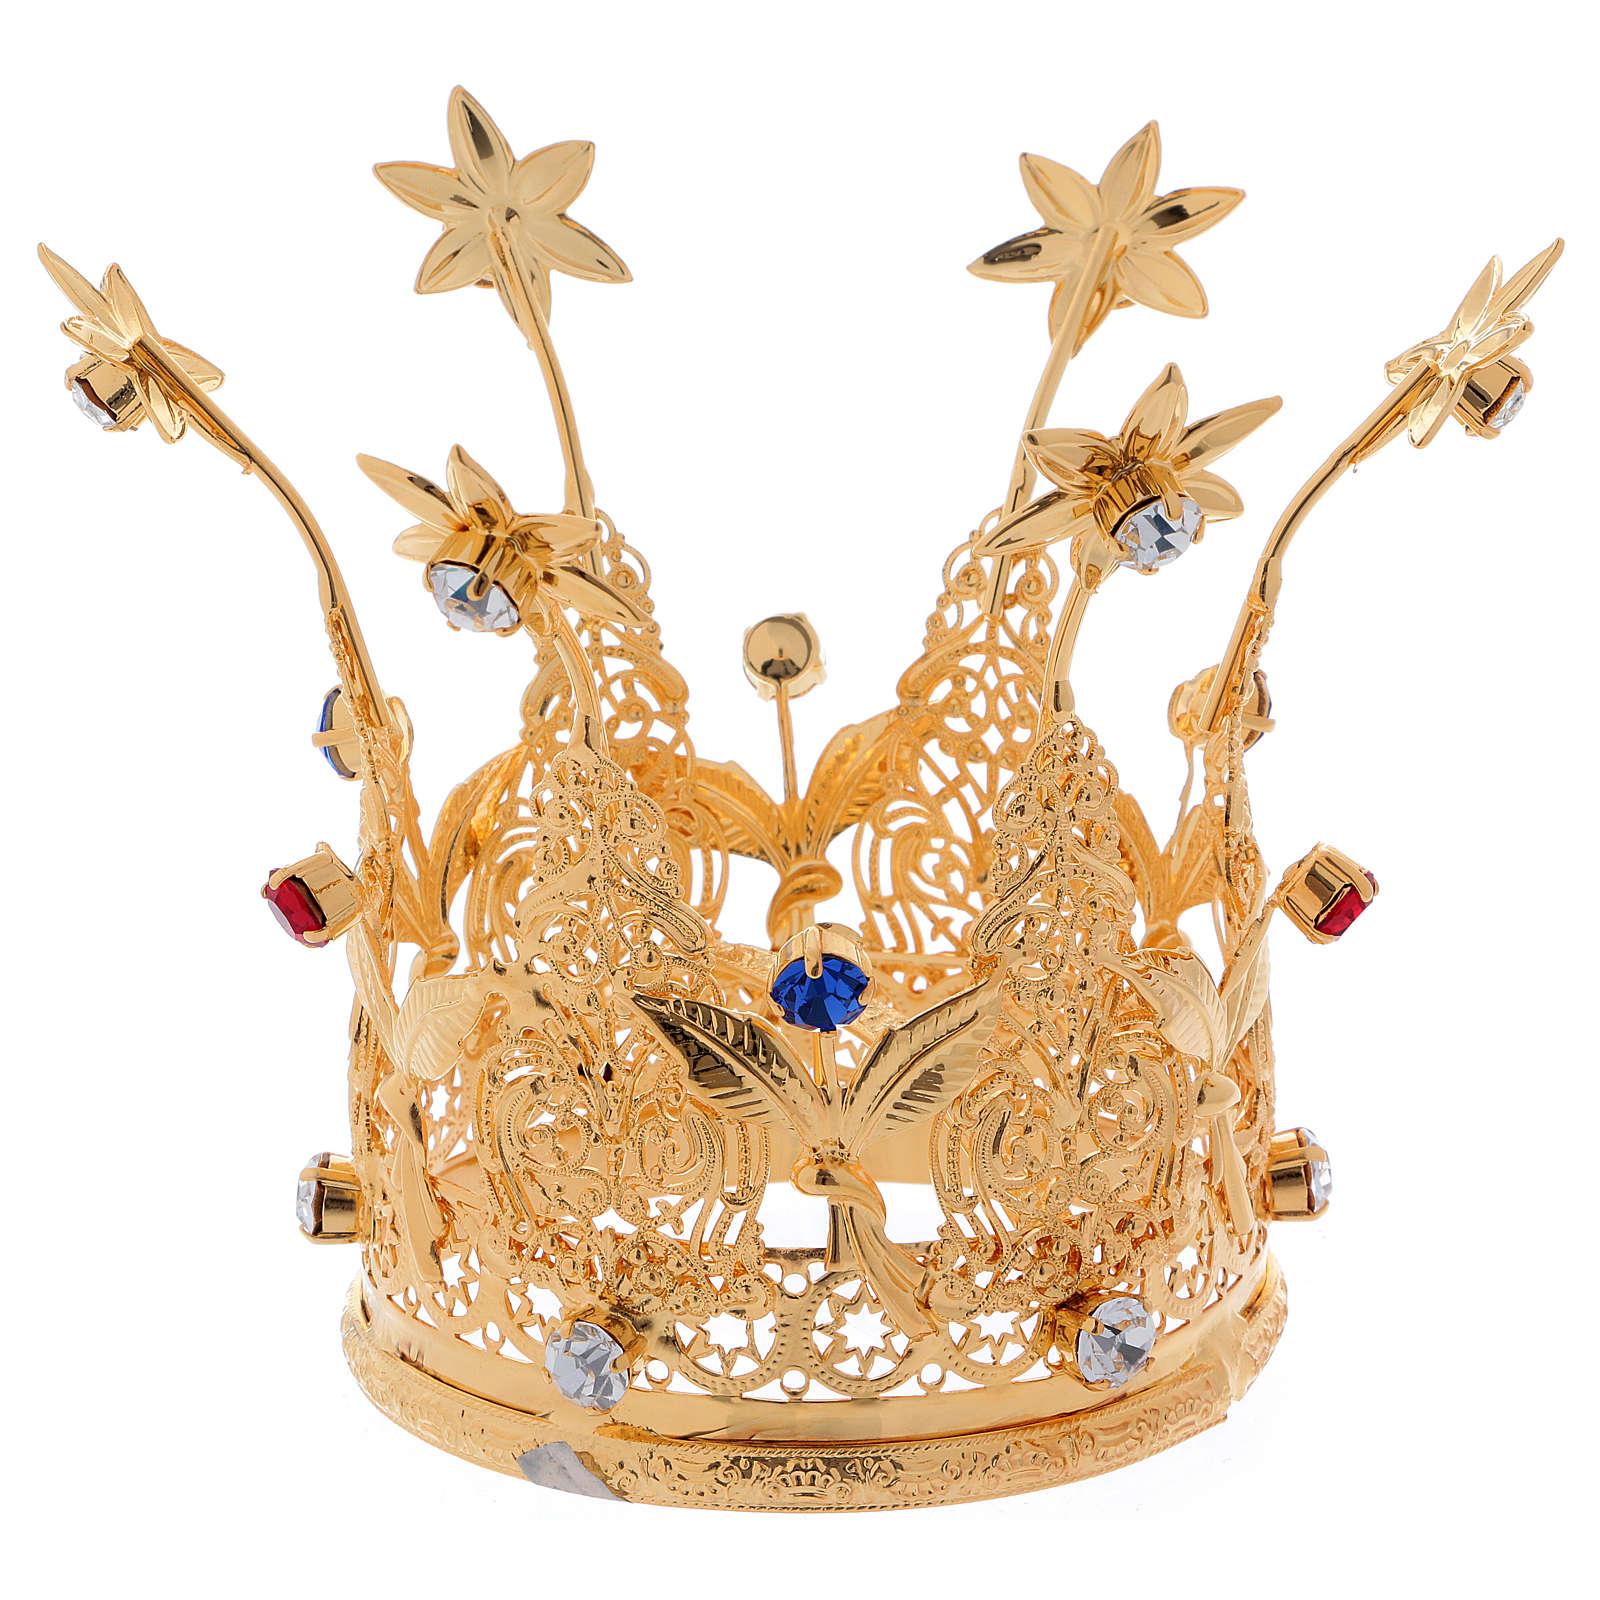 Coroncina Reale dorata gemme e fiori per statue diam. 8 cm 3